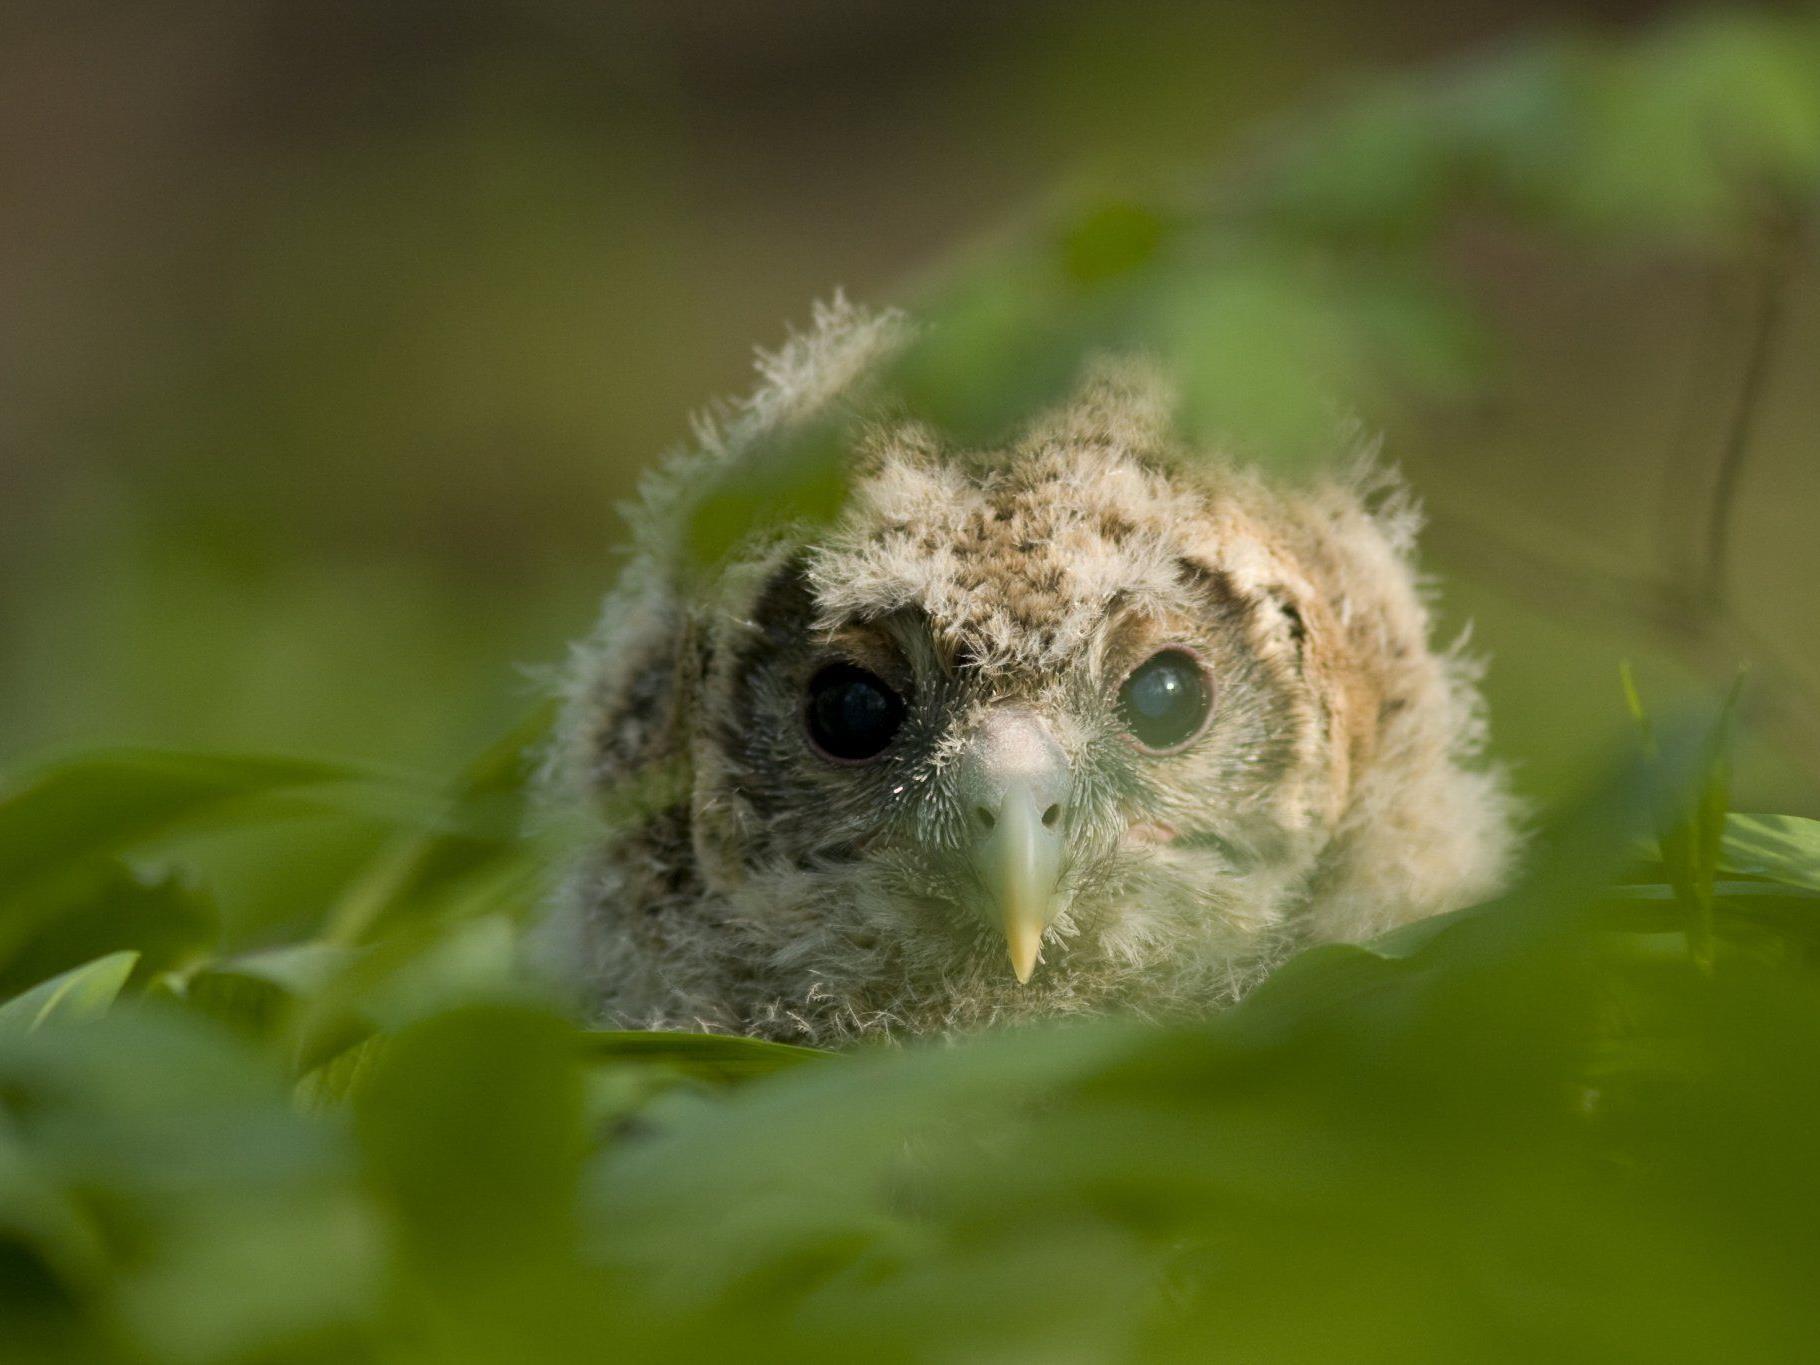 Der Habichtskauz, ein Eulenvogel, erobert langsam wieder einen Lebensraum in Niederösterreiche